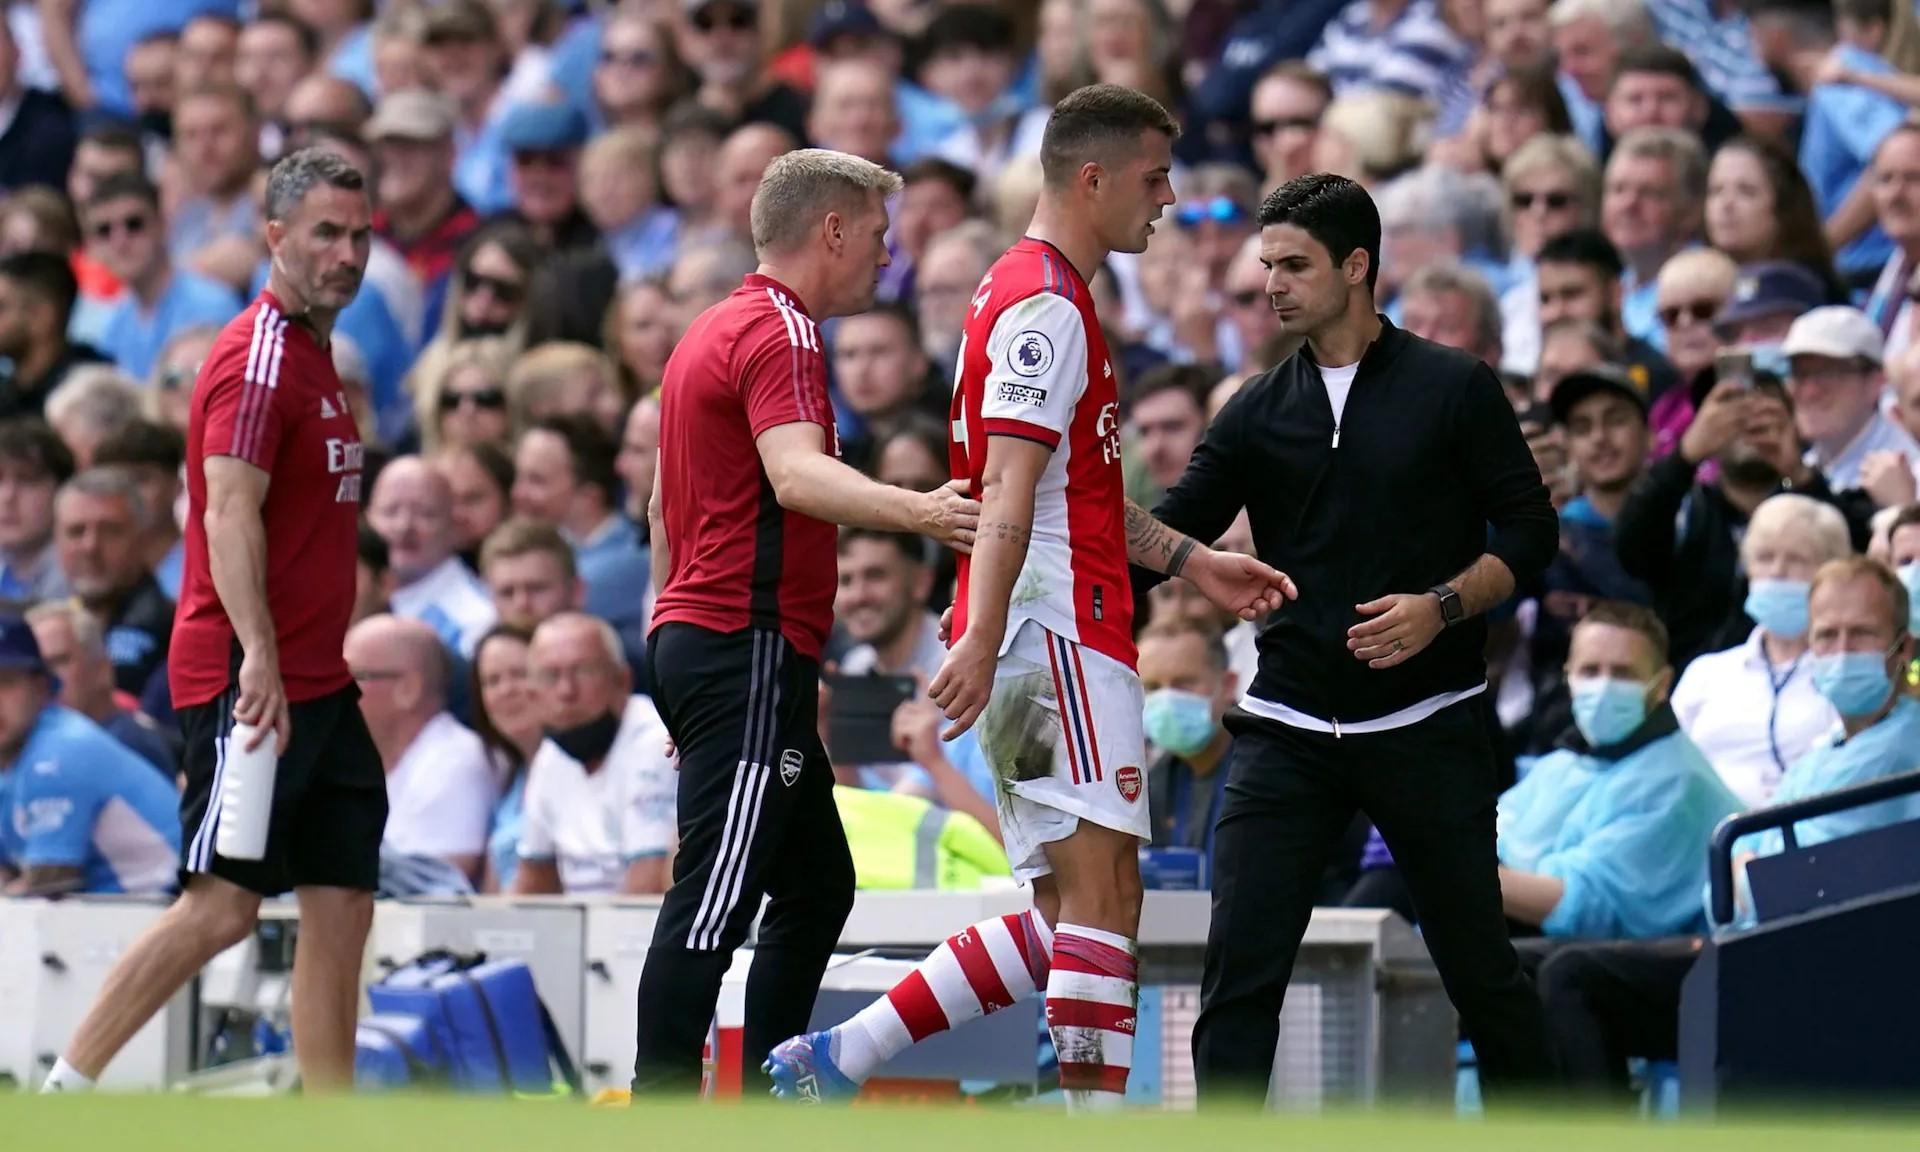 Arteta เผชิญกับความเสี่ยงที่จะถูกไล่ออกเมื่อ Arsenal มือเปล่าหลังจากสามรอบแรก  รูปถ่าย: ป.